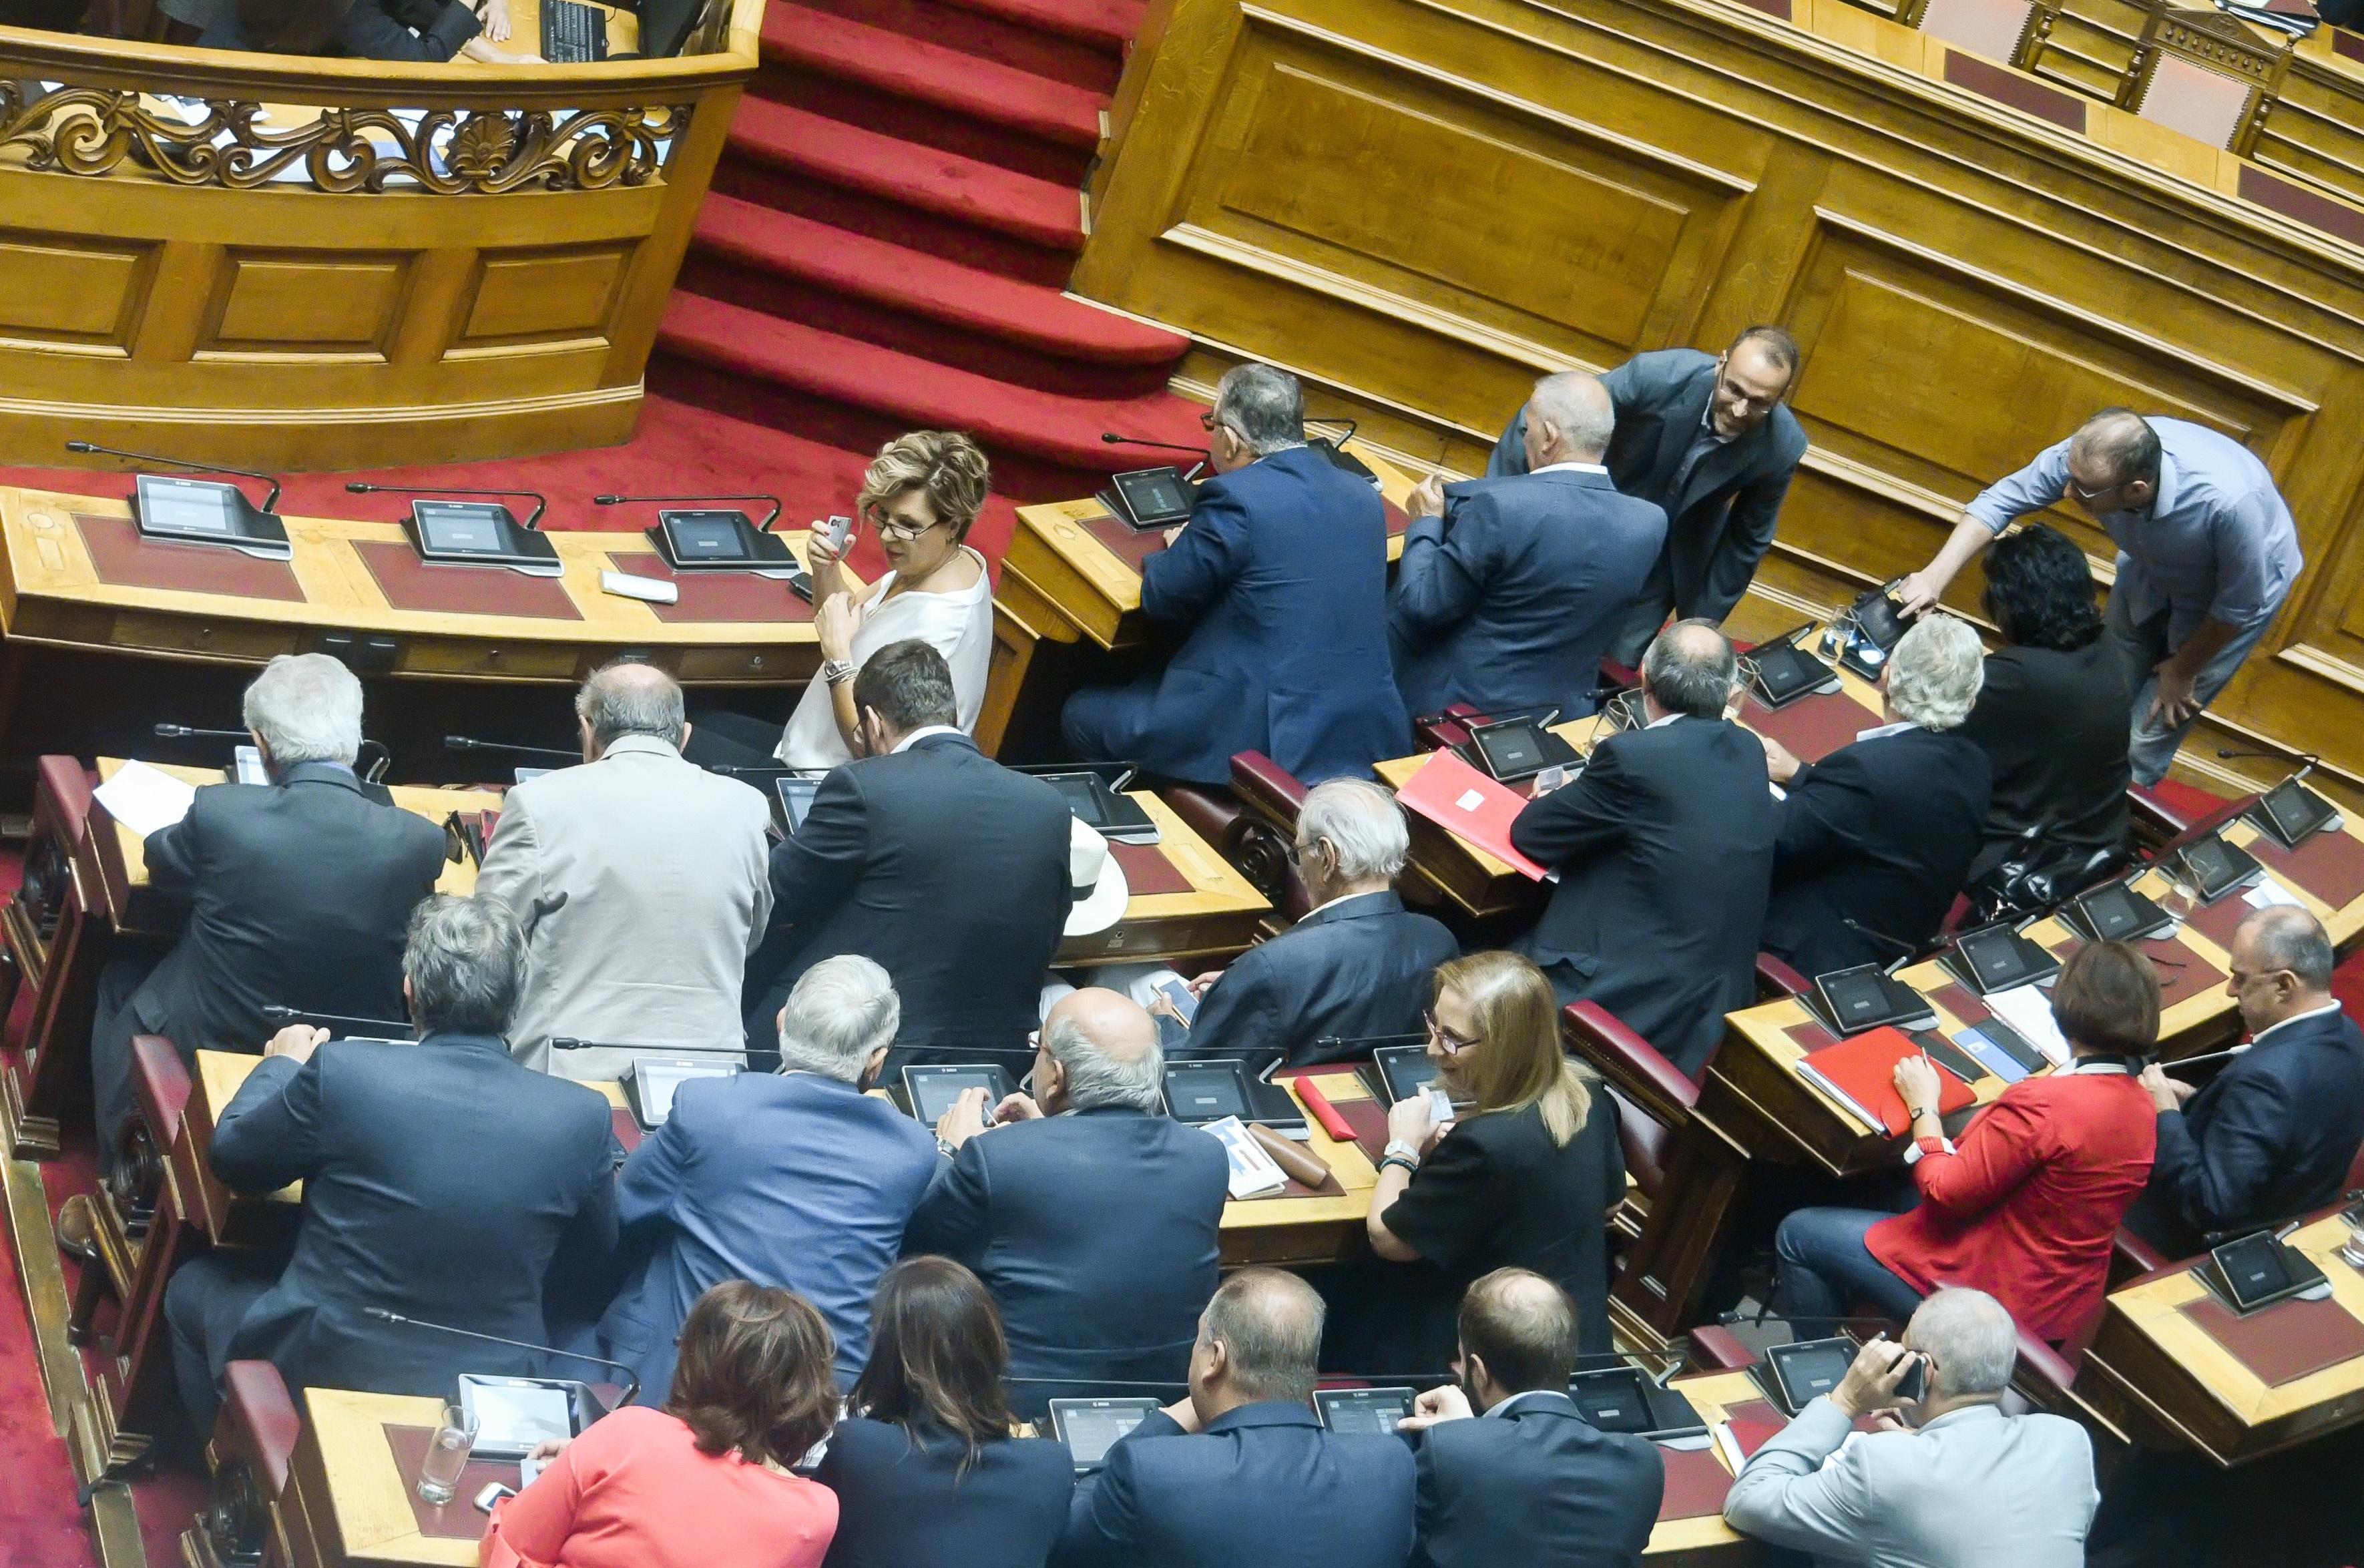 Ρήγμα στον ΣΥΡΙΖΑ και μάλιστα μέσα στη Βουλή για τις εξορύξεις υδρογονανθράκων!